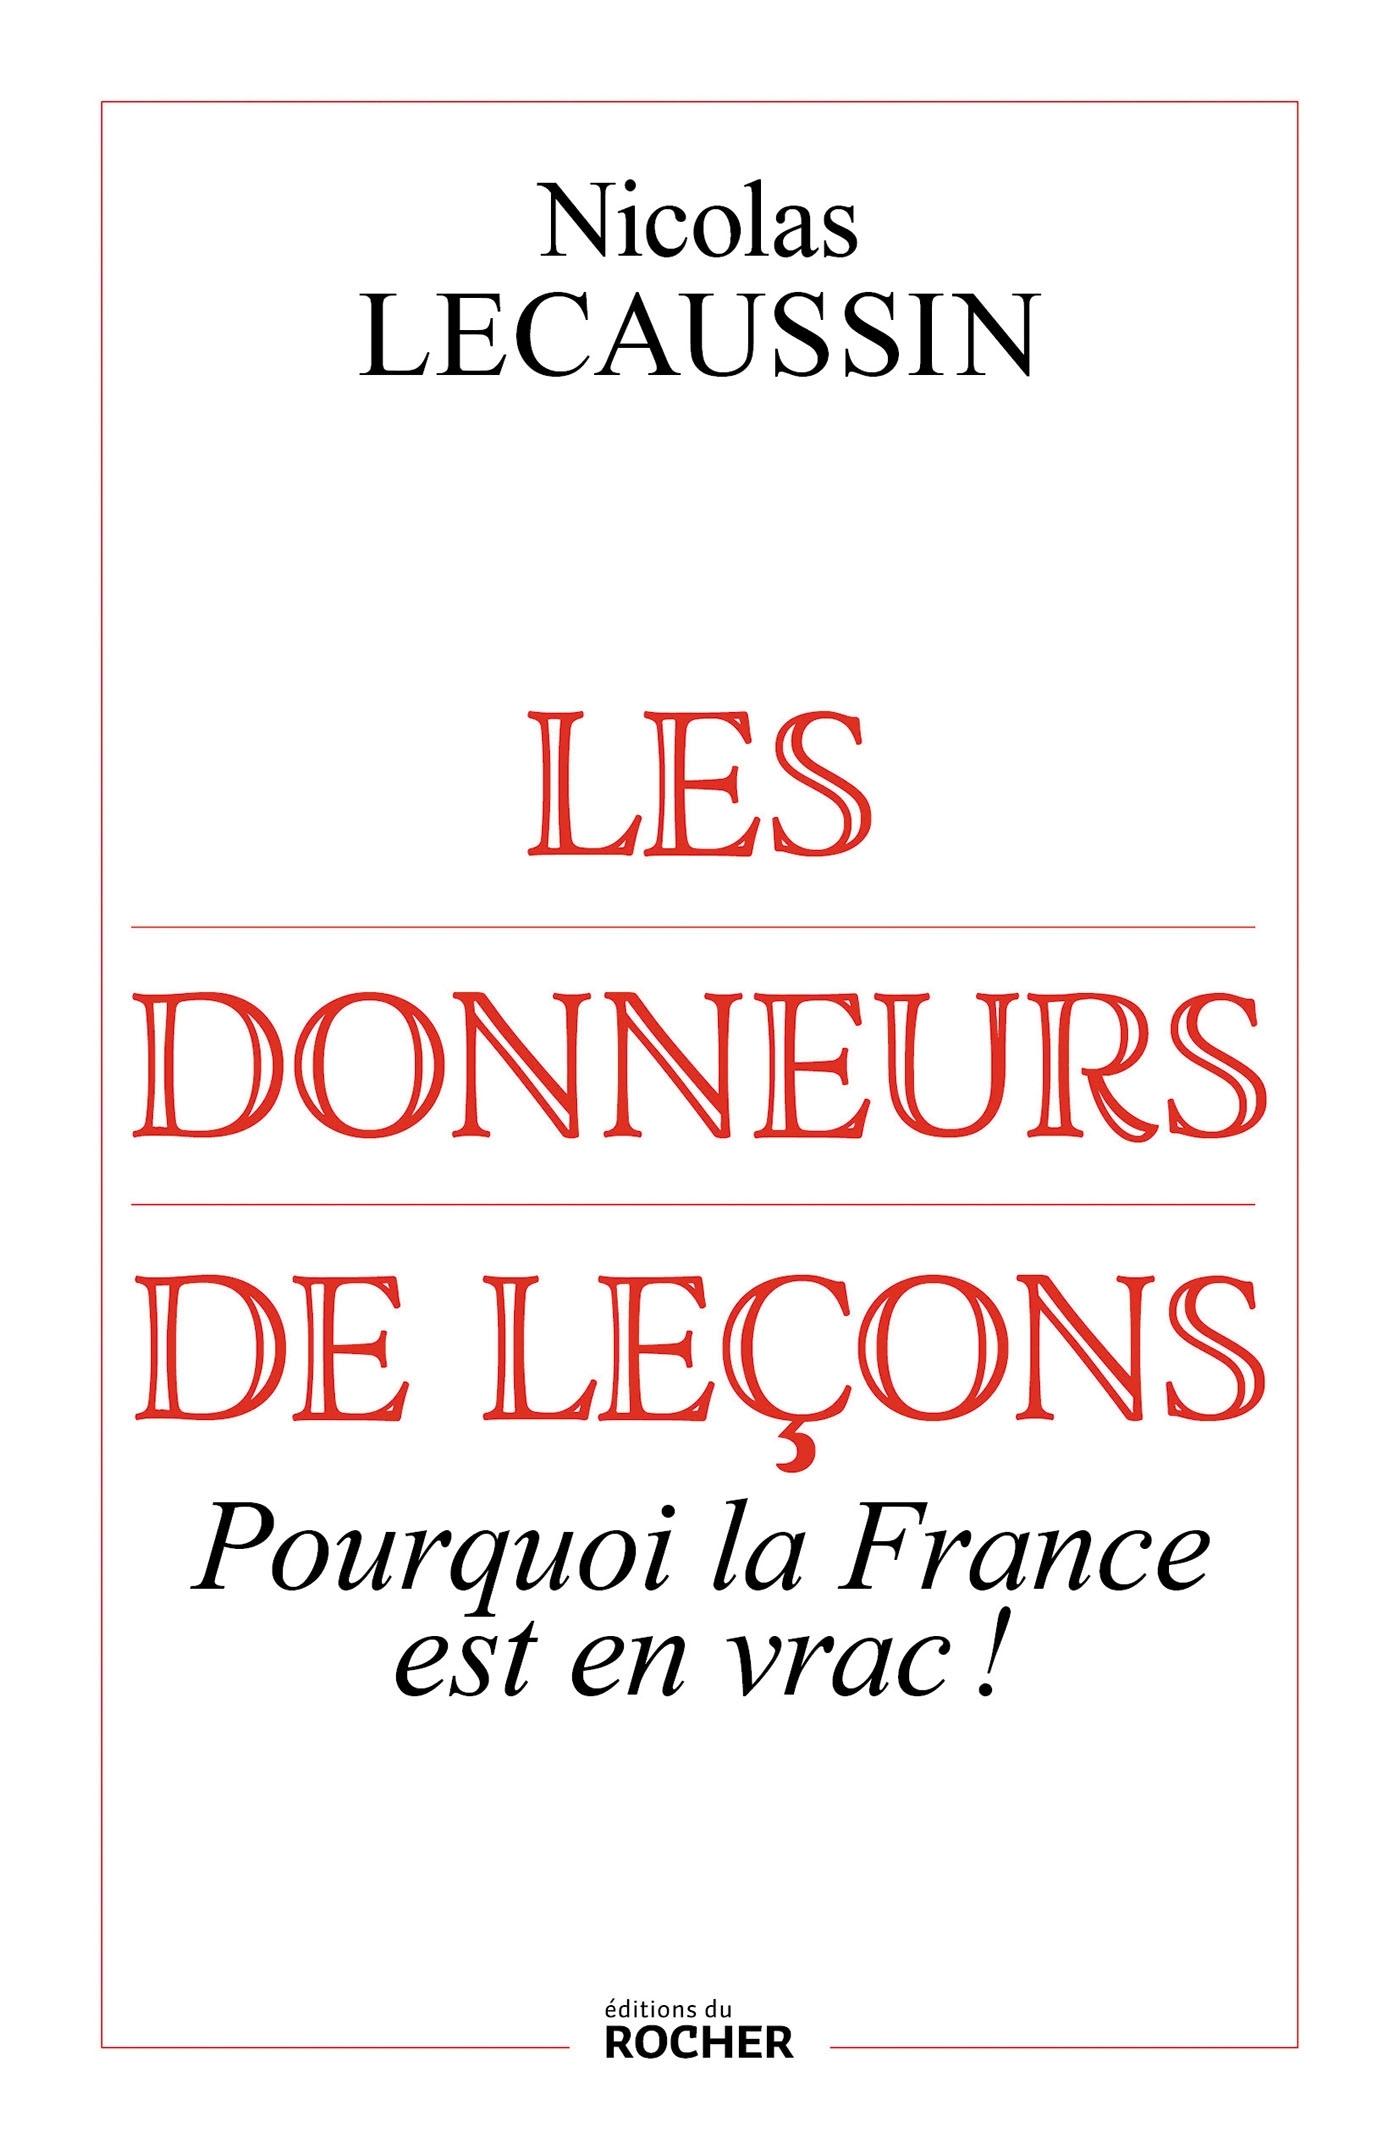 LES DONNEURS DE LECONS - POURQUOI LA FRANCE EST EN VRAC !